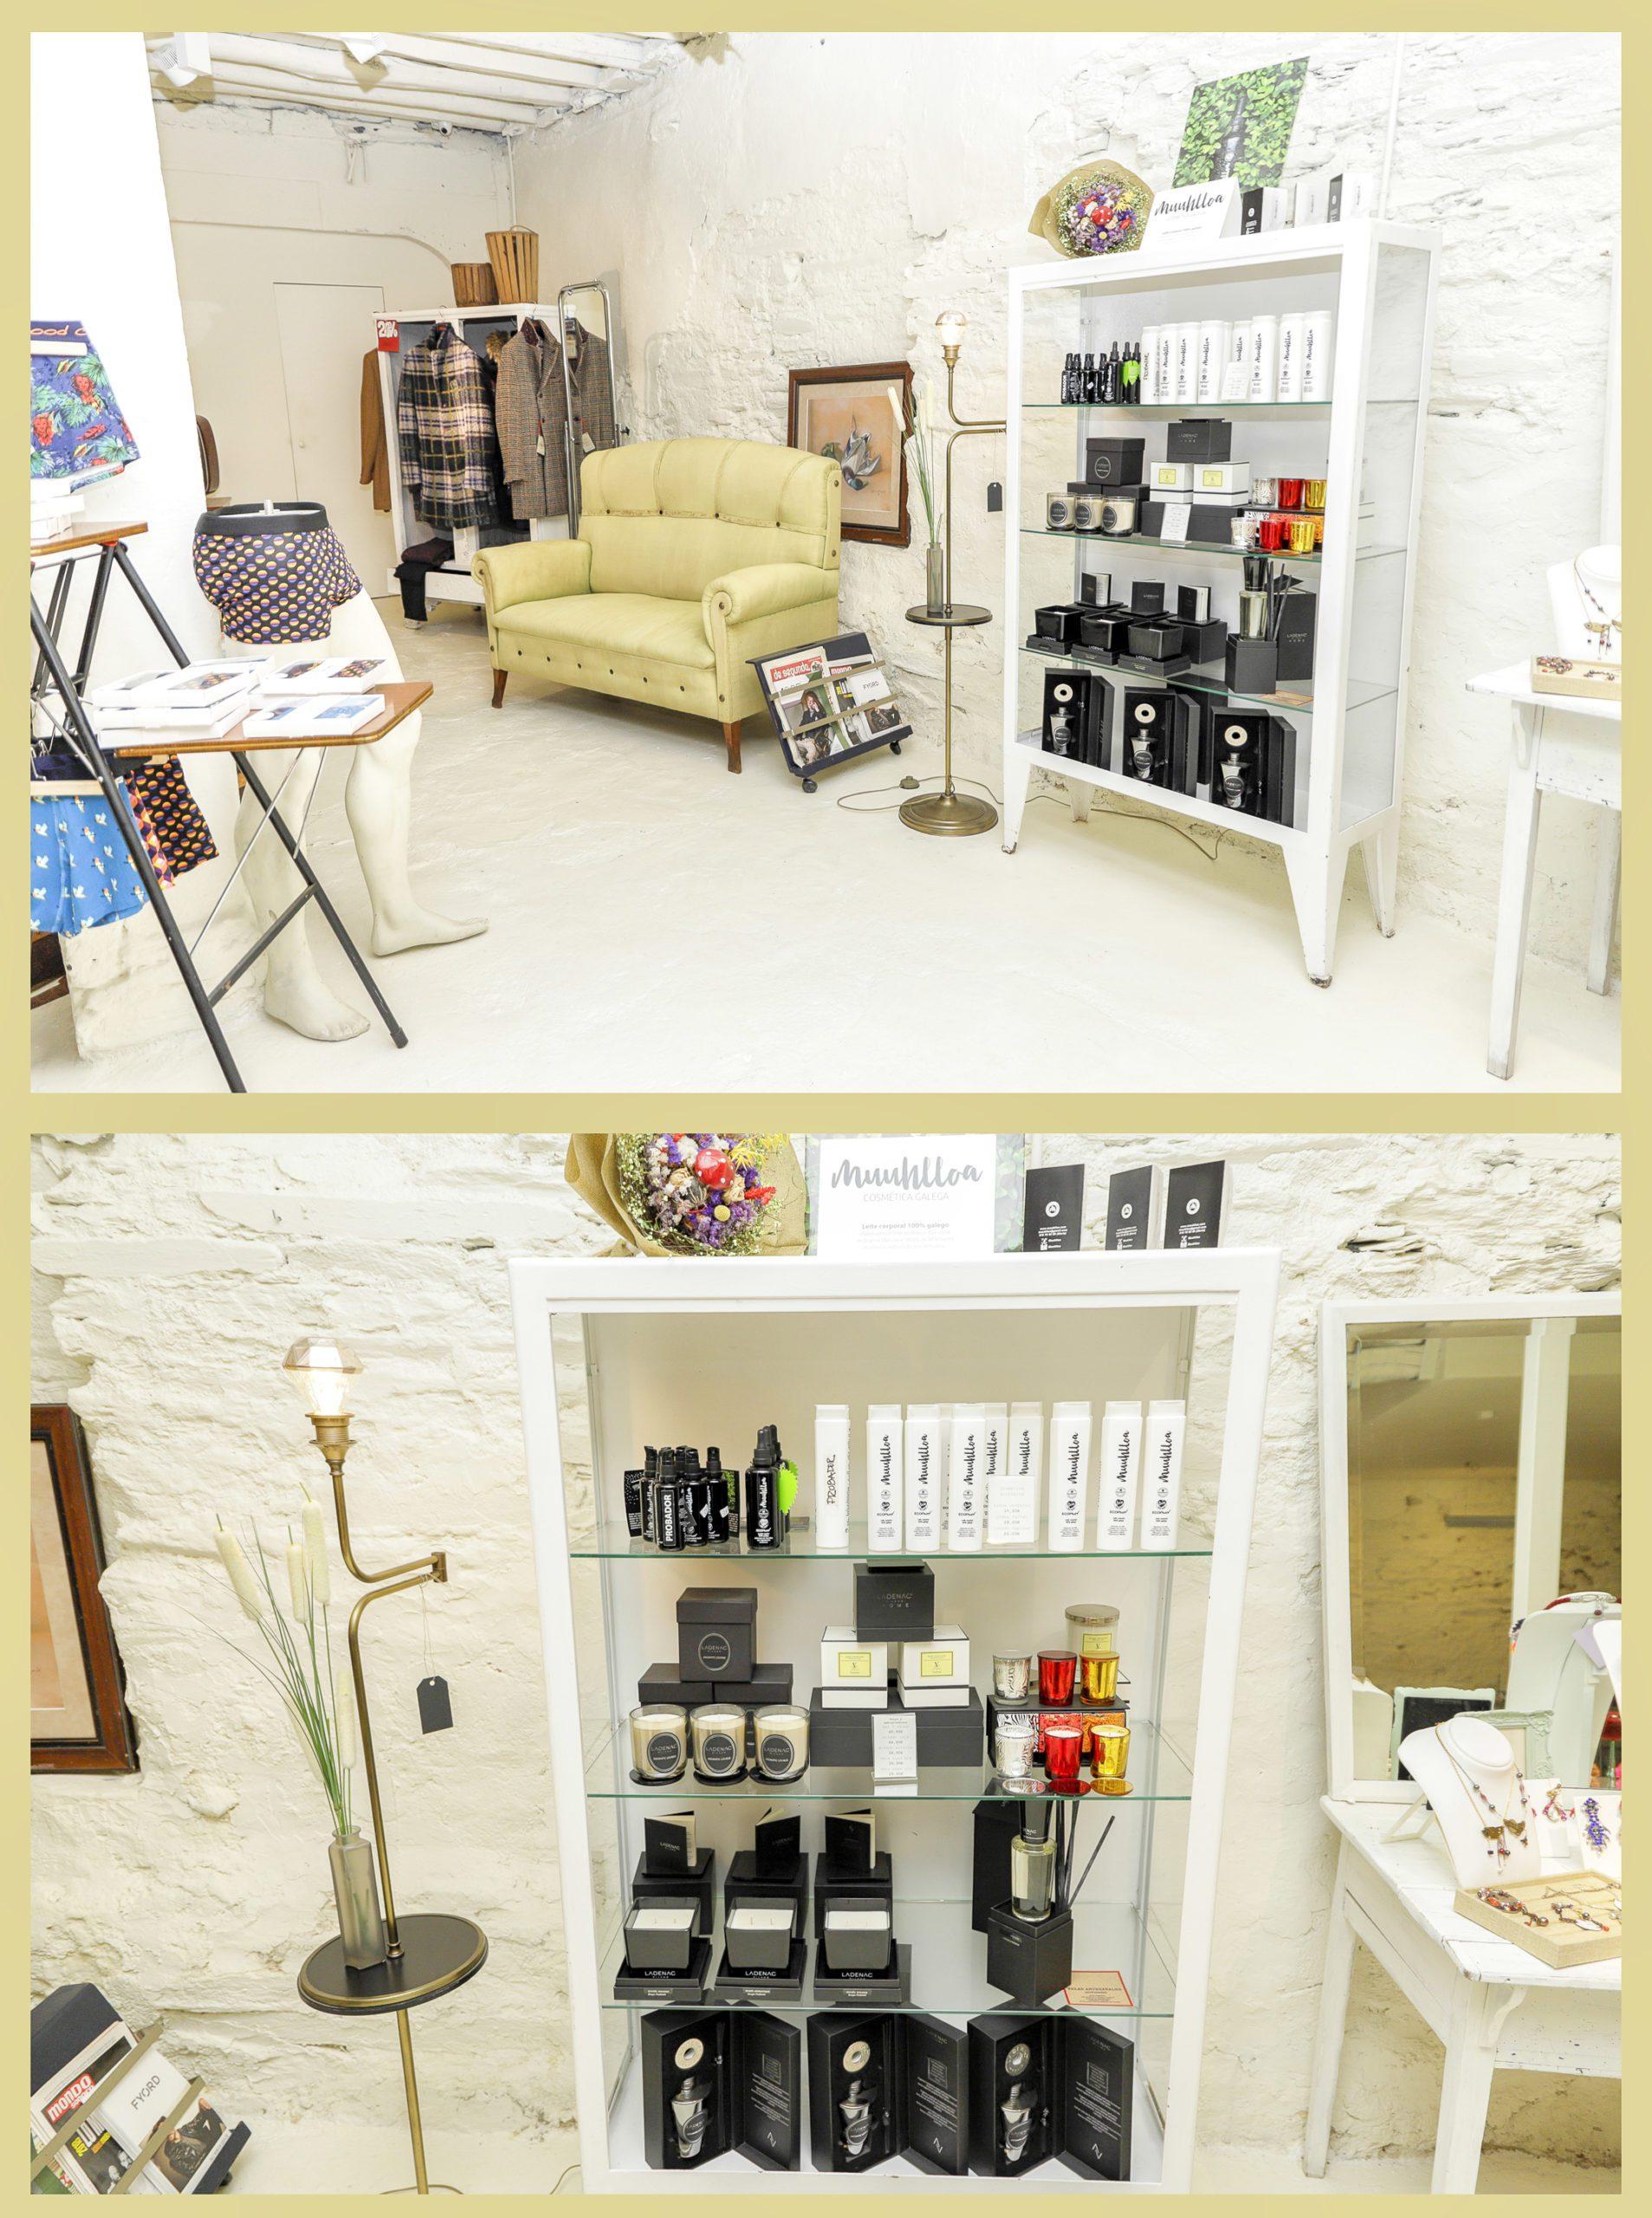 Bororo Concept Store - Moda, Arte y Cultura en Lugo